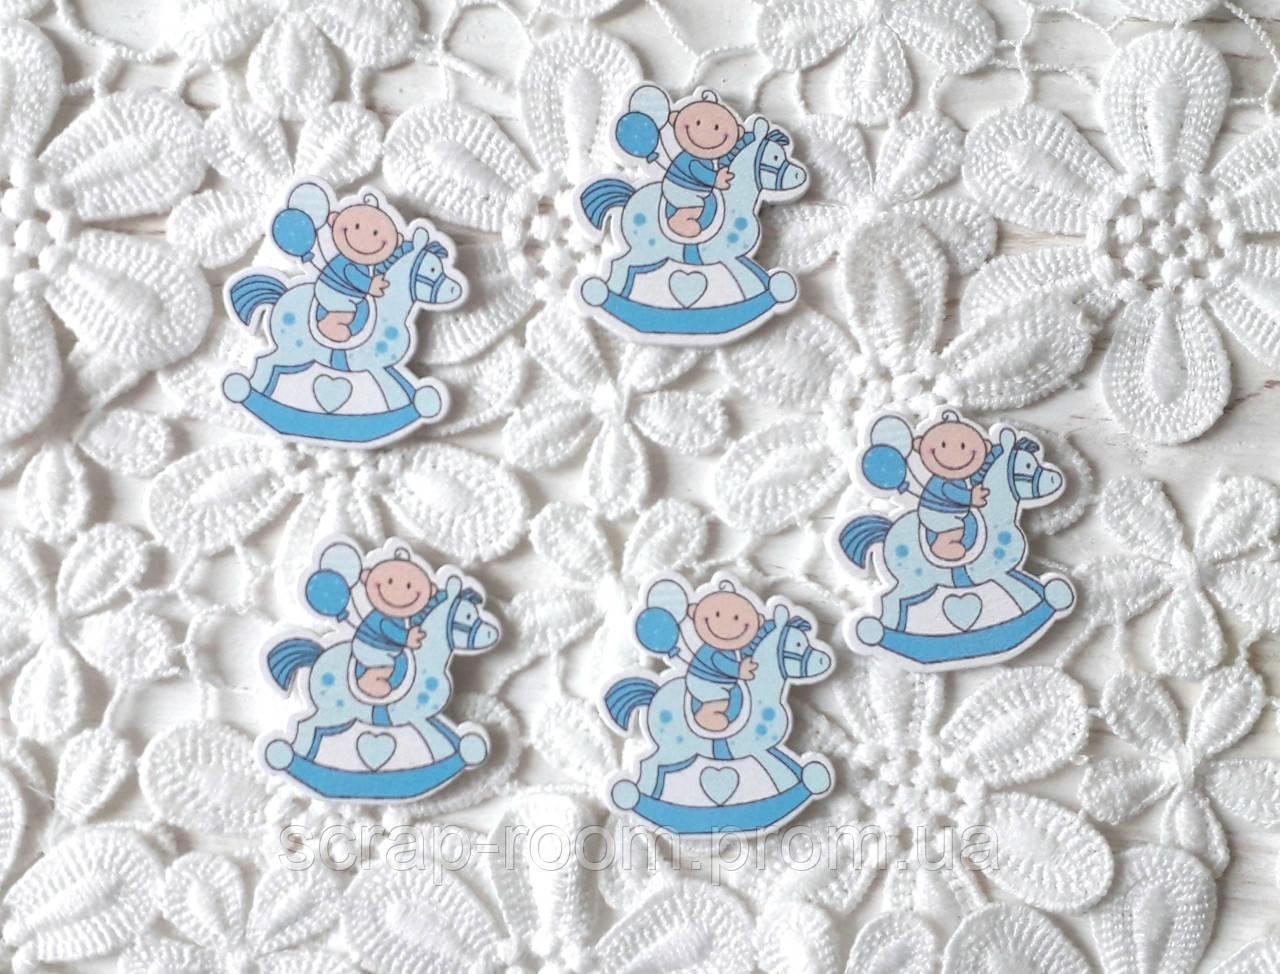 Деревянный кабошон детский Малыш на лошадке, baby мальчик, голубой цвет